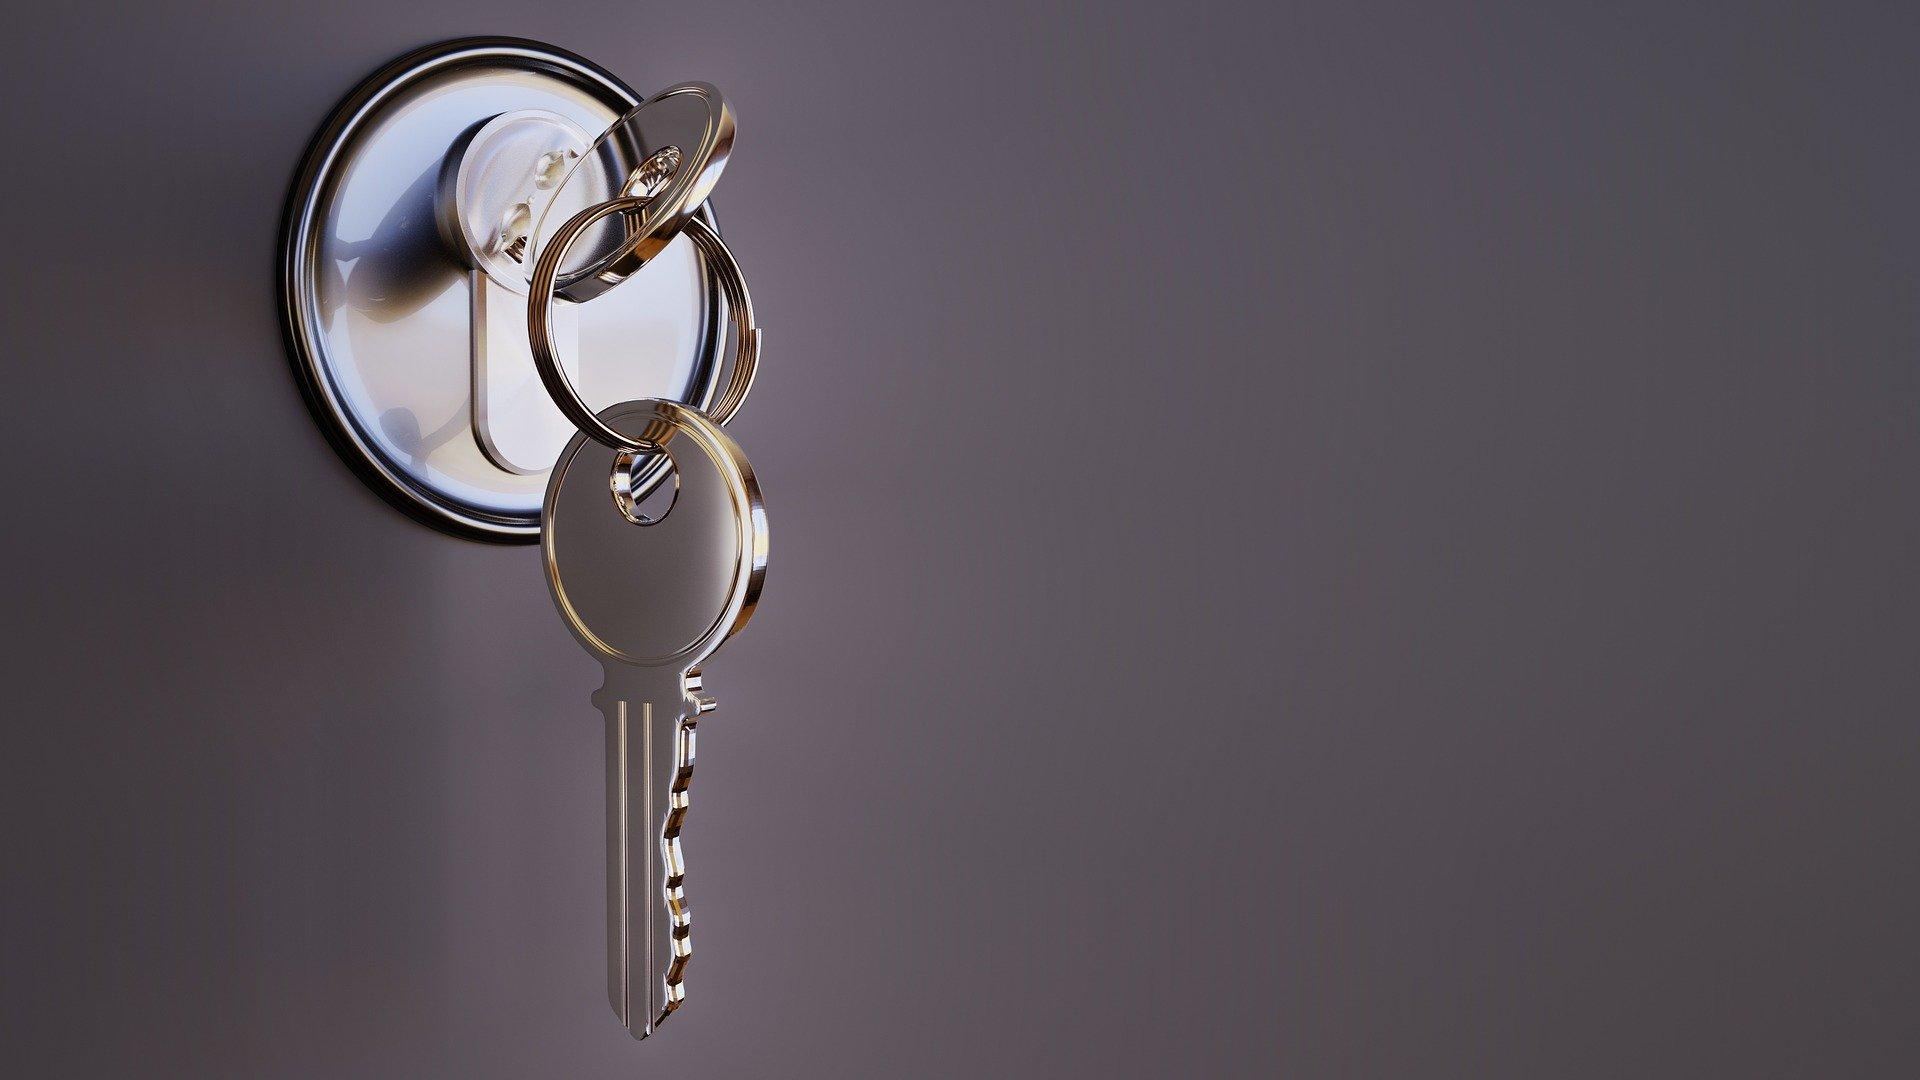 cerradura con llaves puestas